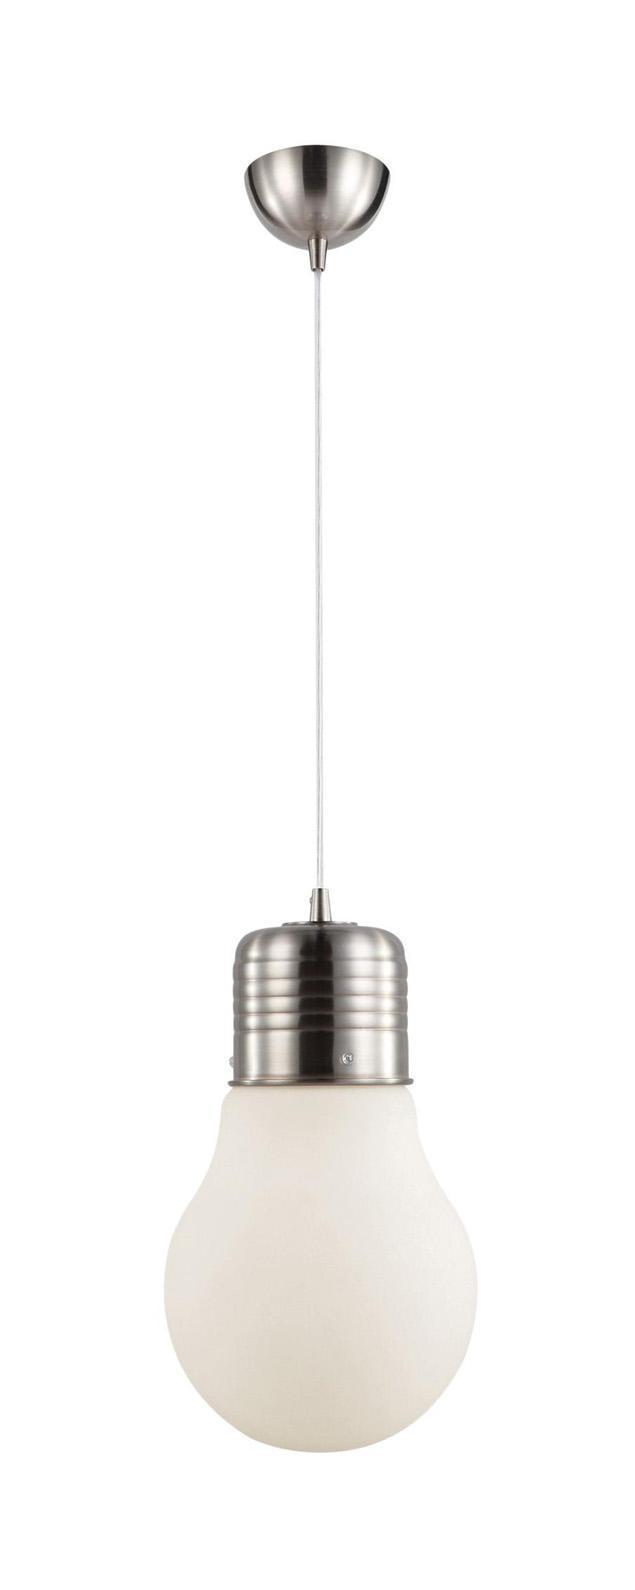 Светильник подвесной Arte lamp A1402sp-1ss arte lamp подвесной светильник arte lamp edison a1402sp 1ss